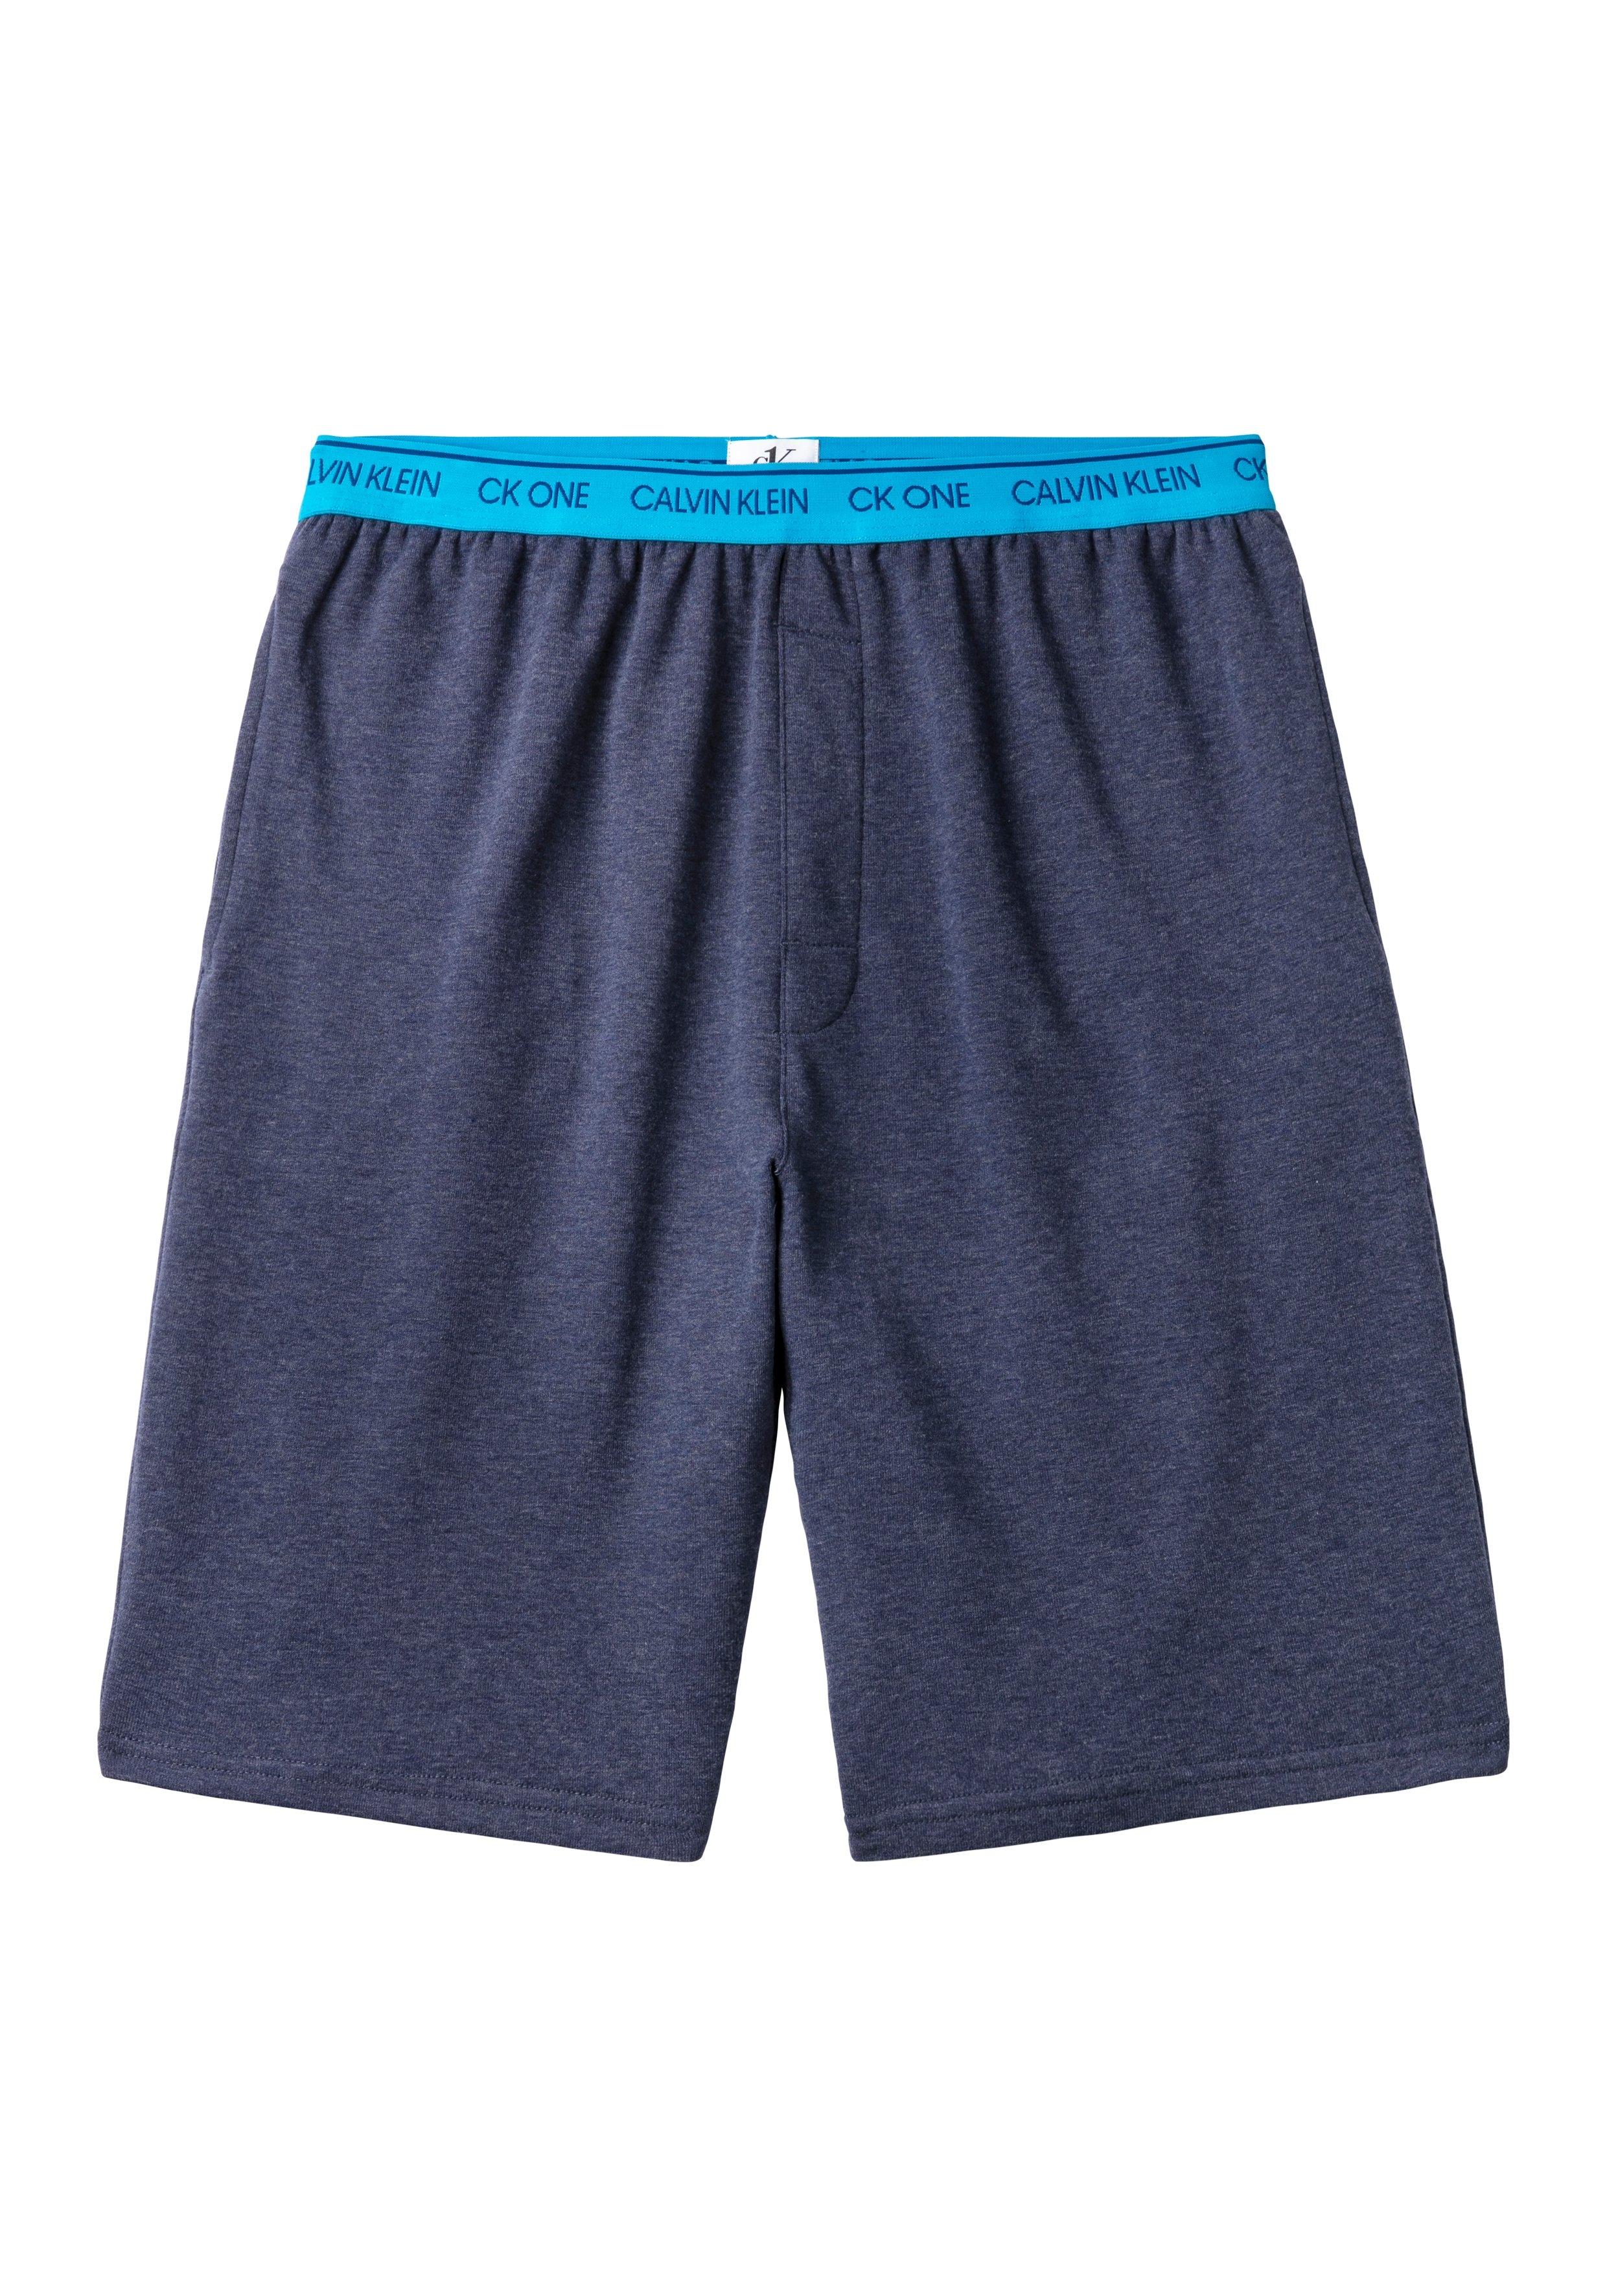 Op zoek naar een Calvin Klein sweatshort met logo-weefband? Koop online bij Lascana